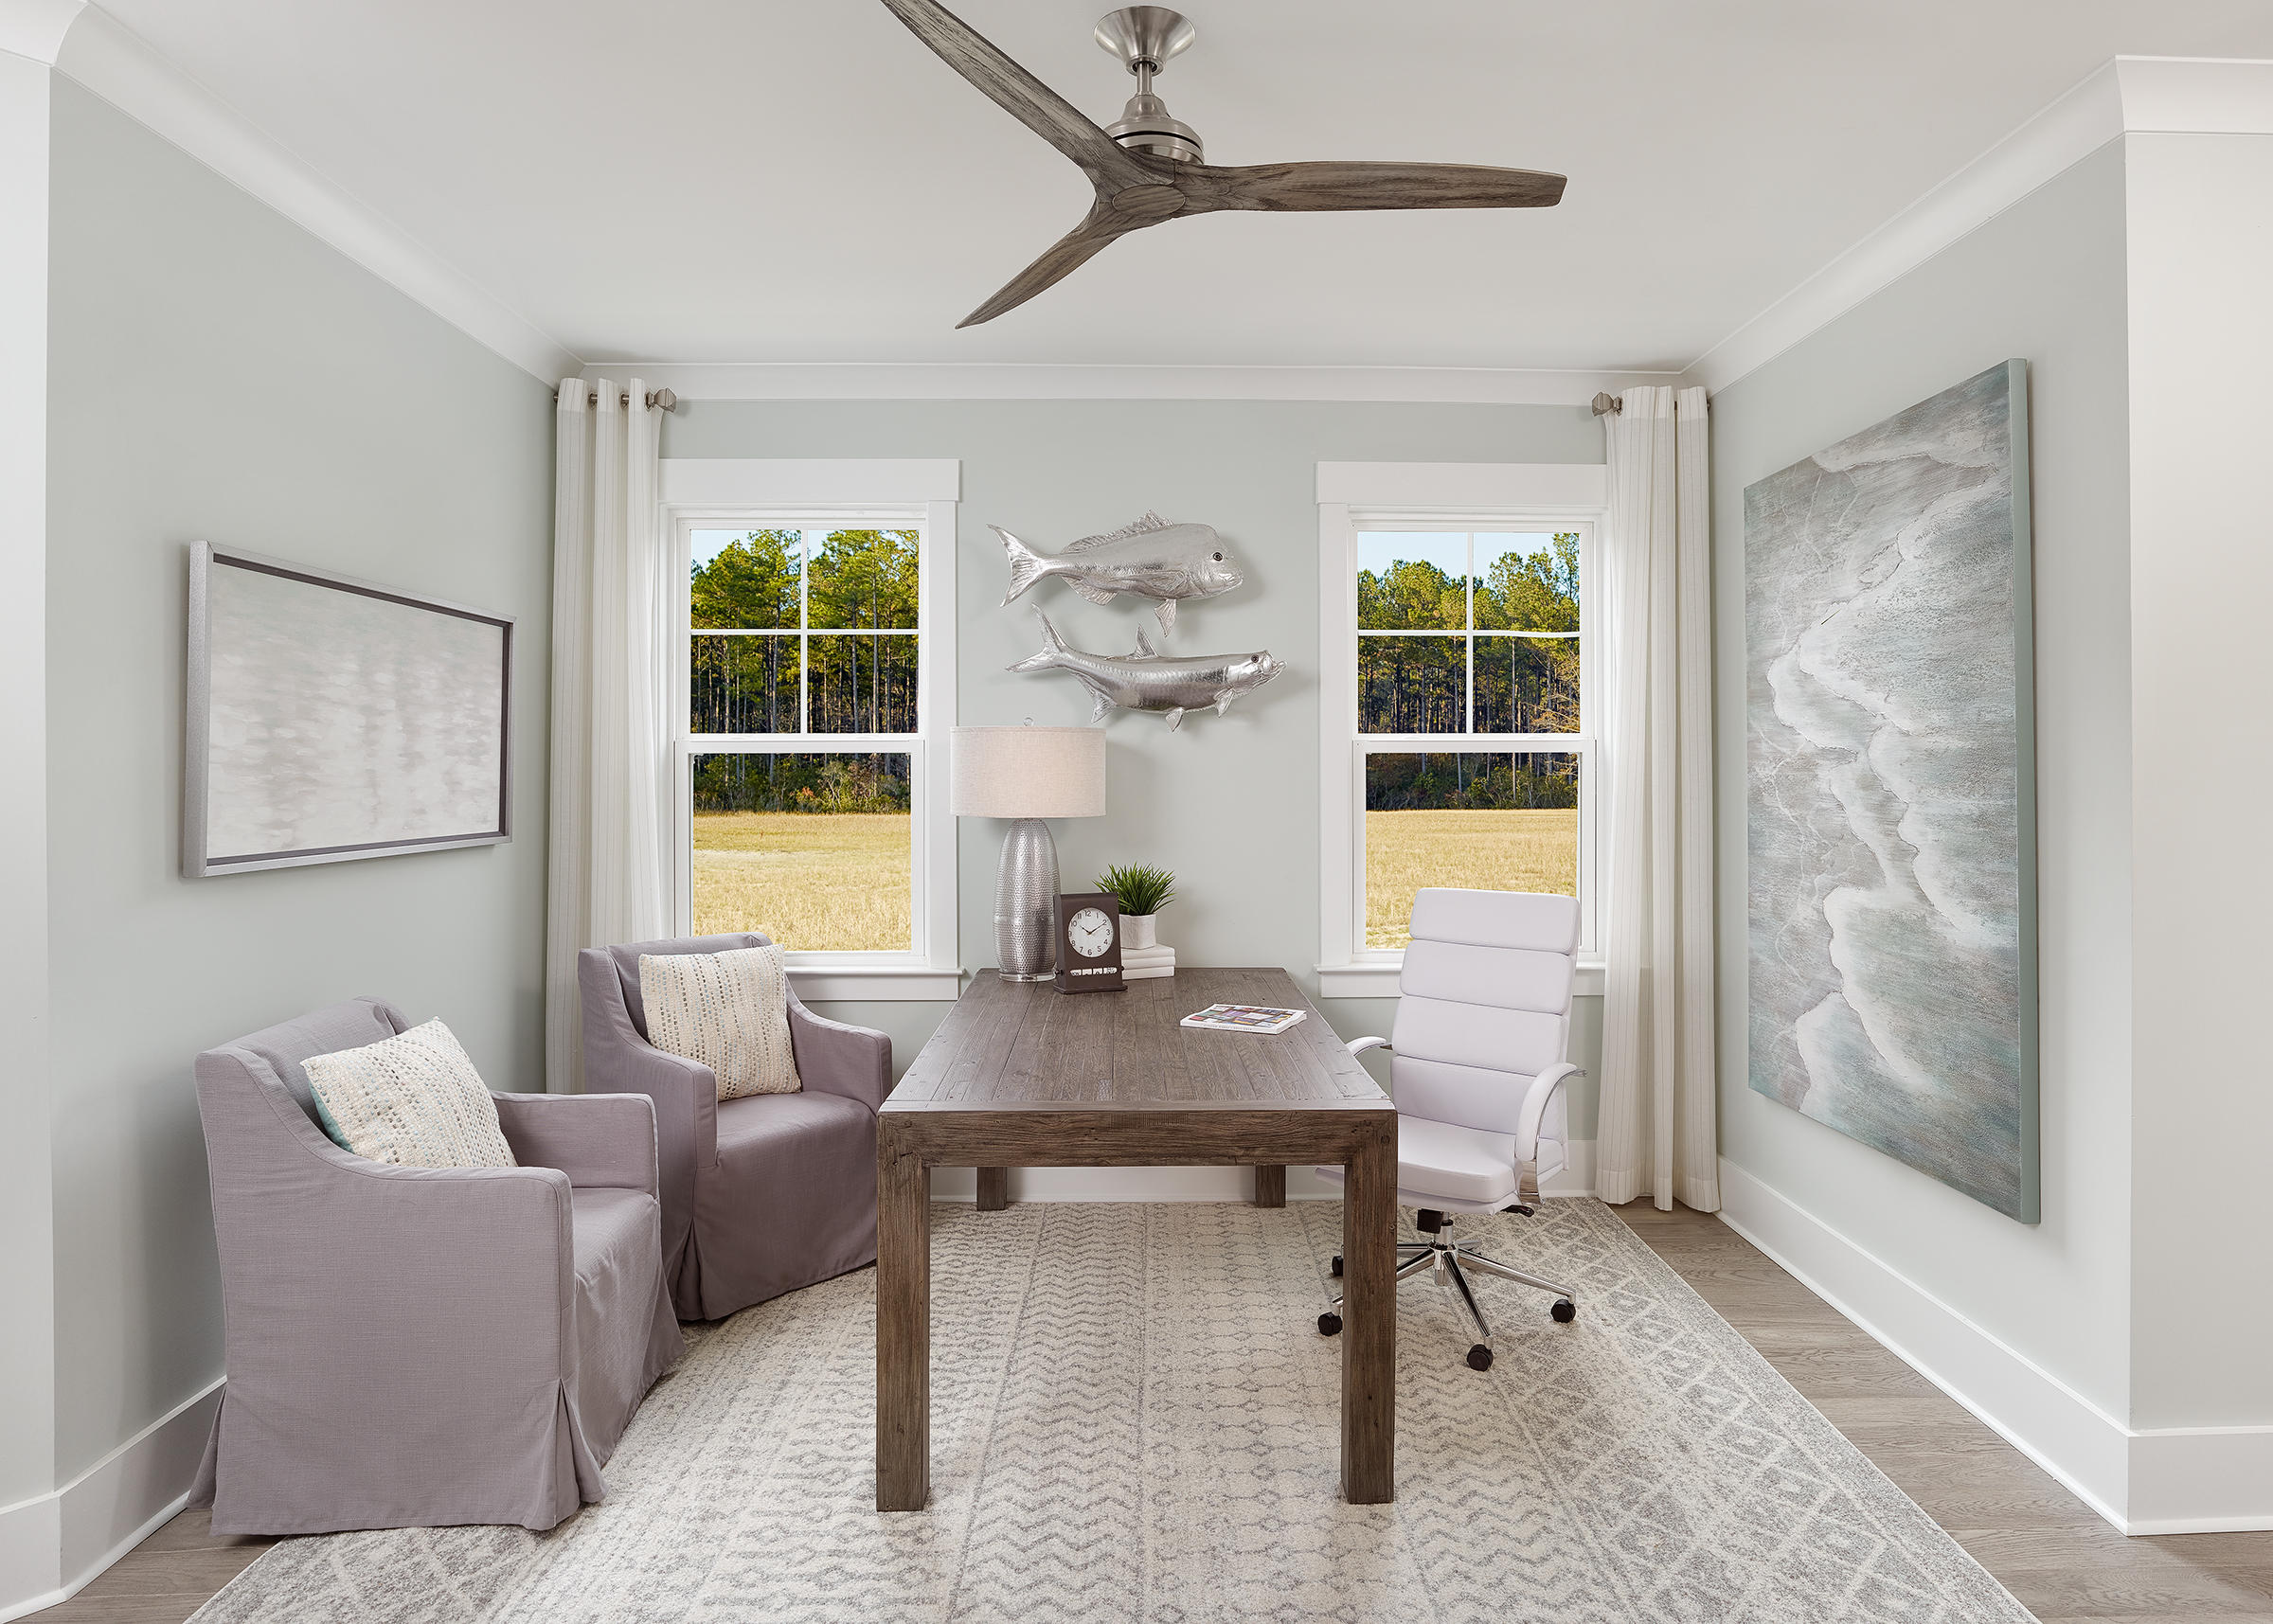 Dunes West Homes For Sale - 2890 Eddy, Mount Pleasant, SC - 10